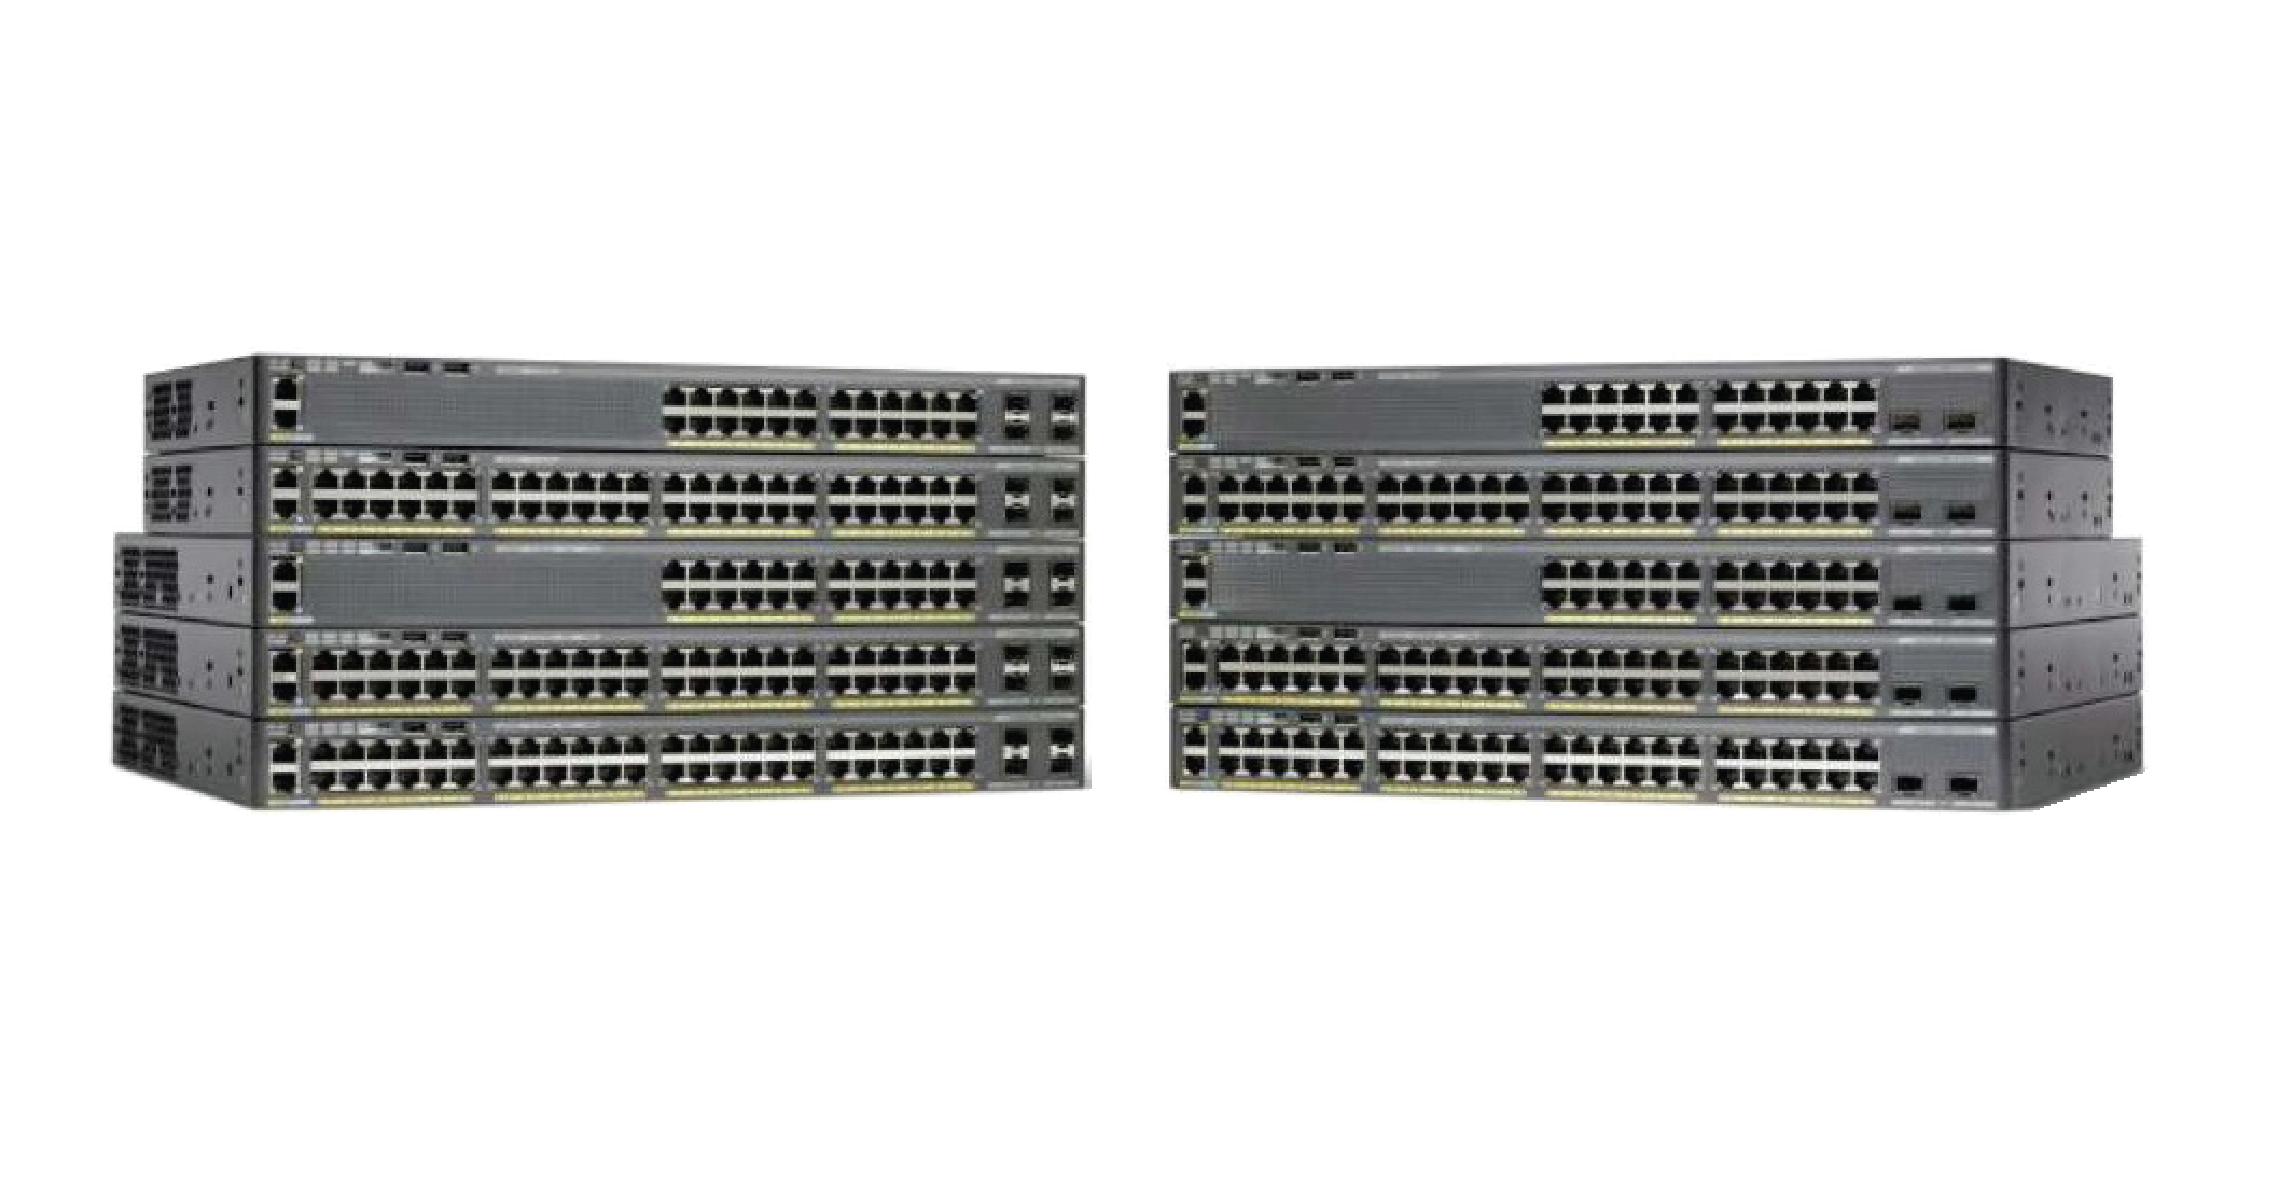 Cisco Catalyst 2960-X Series Switches - Planetcomm